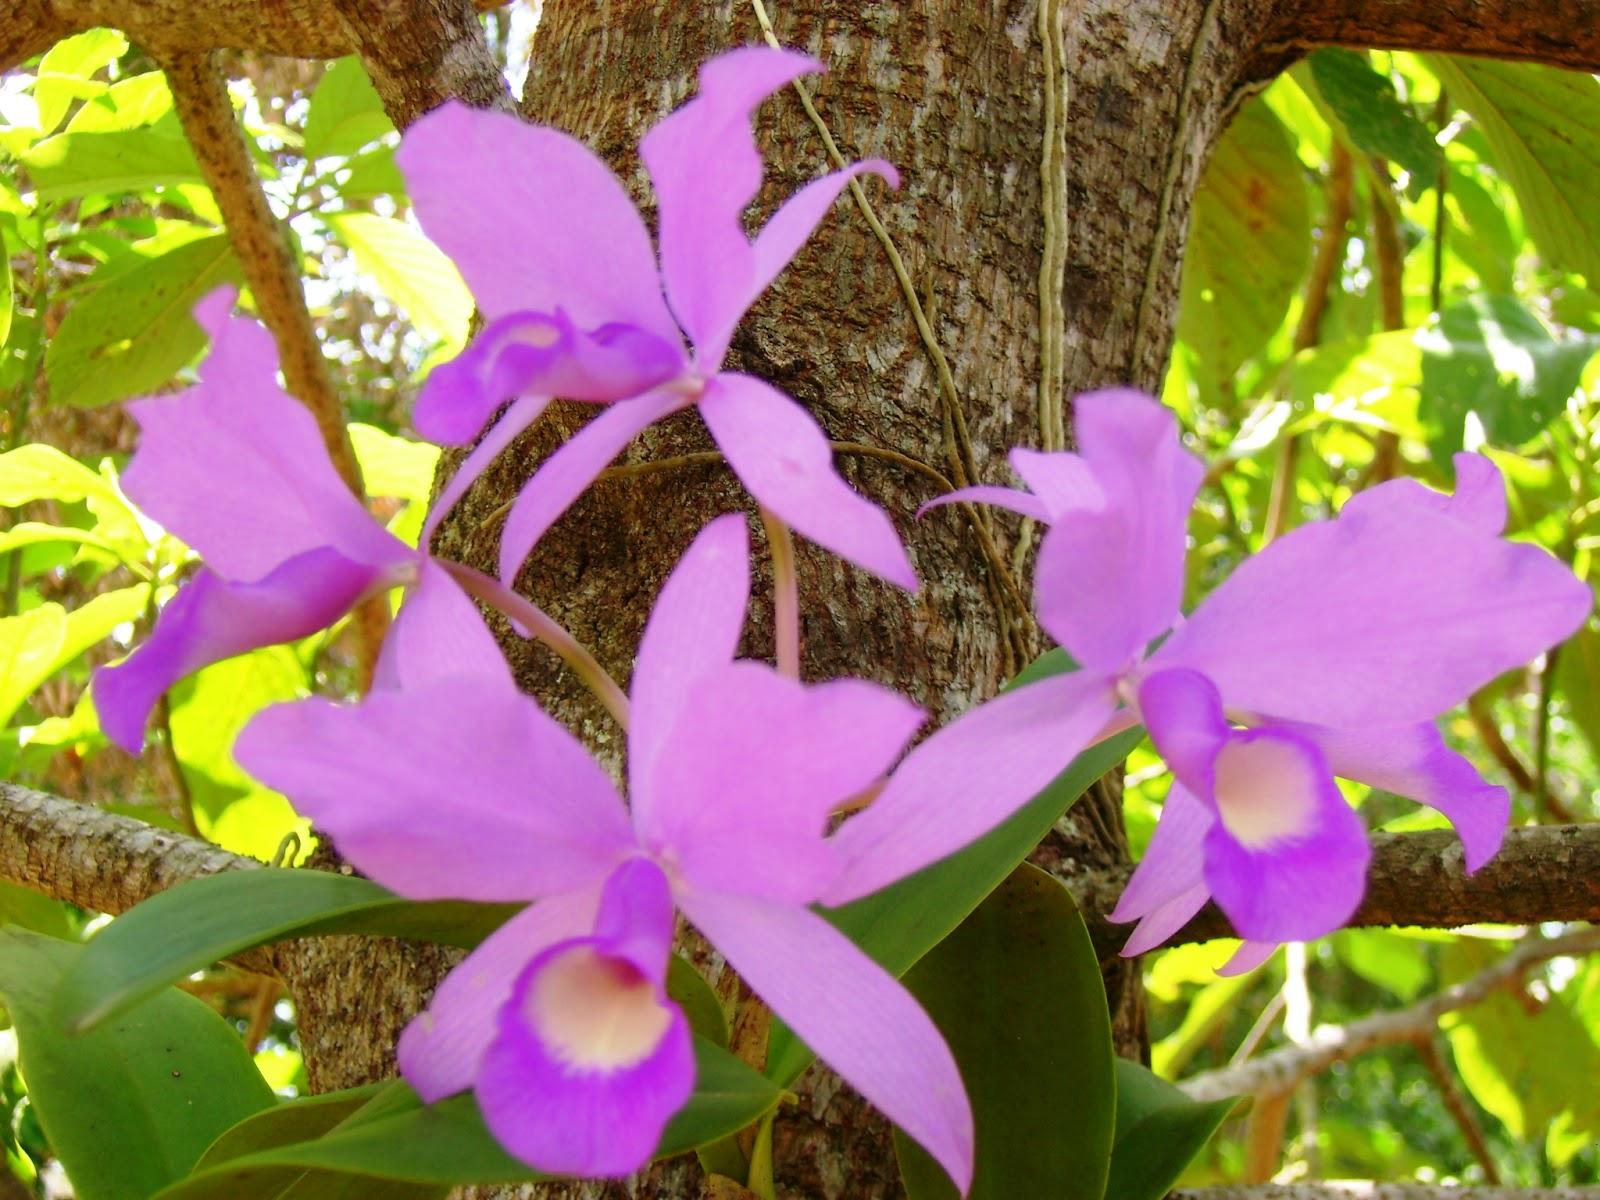 Fotos De Tatuagens De Flores-Orquideas - Poliana Abritta conta que fez tatuagem de orquídea na